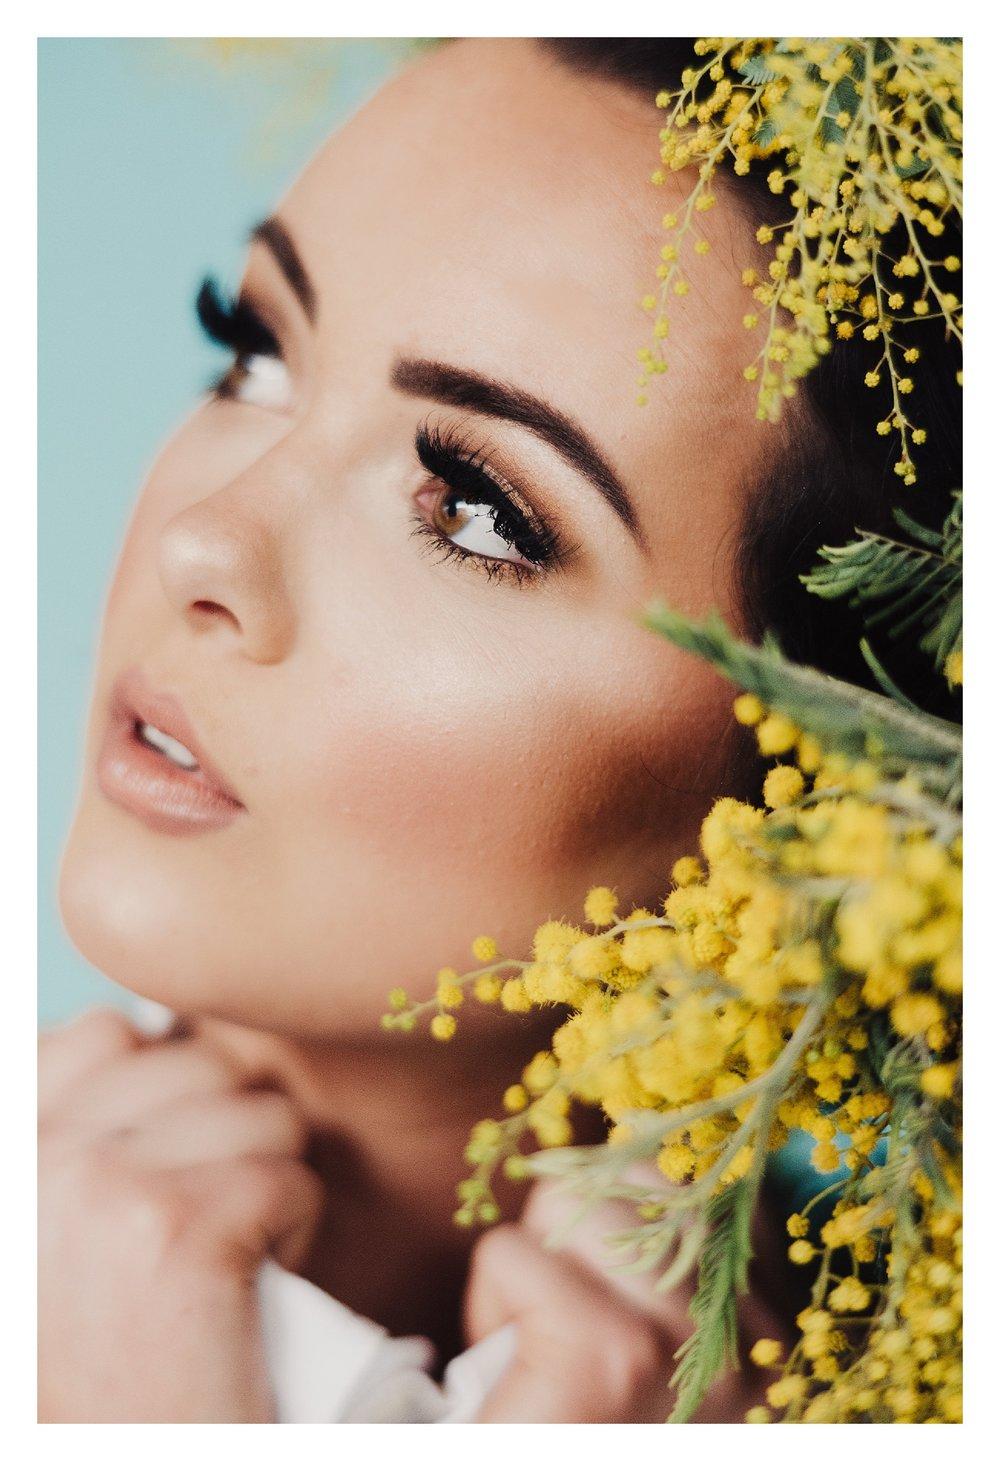 Creative-Headpeice-Florist_0750.jpg